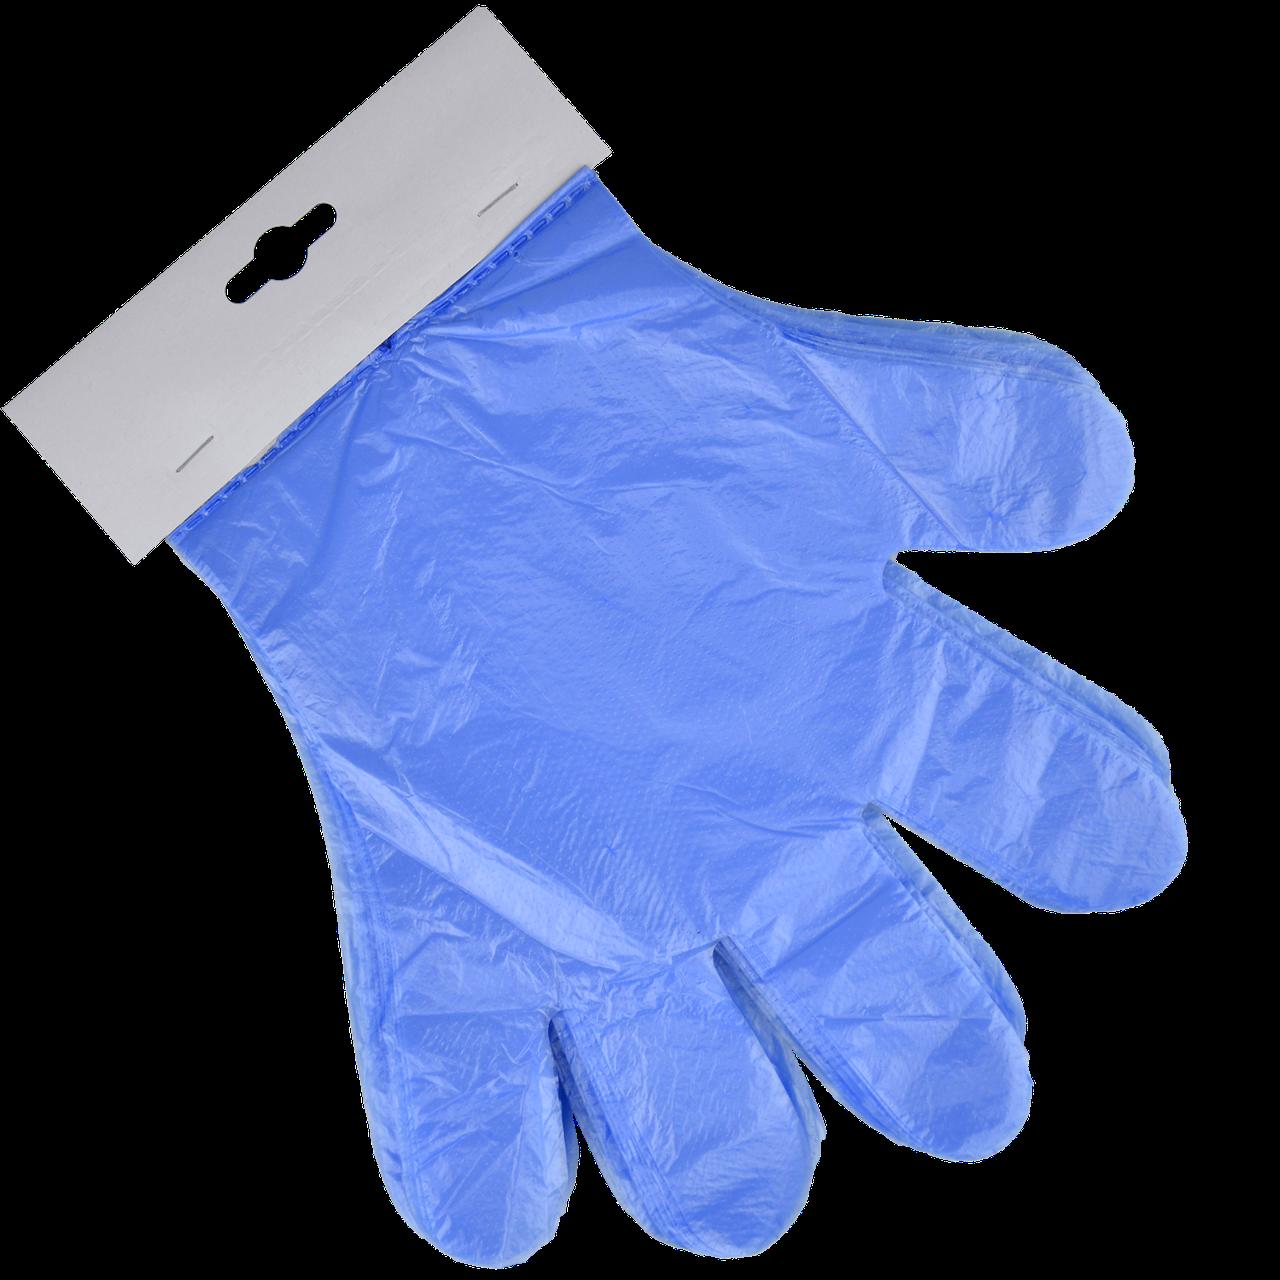 Перчатки полиэтиленовые отрывные на картоне (голубые)100шт